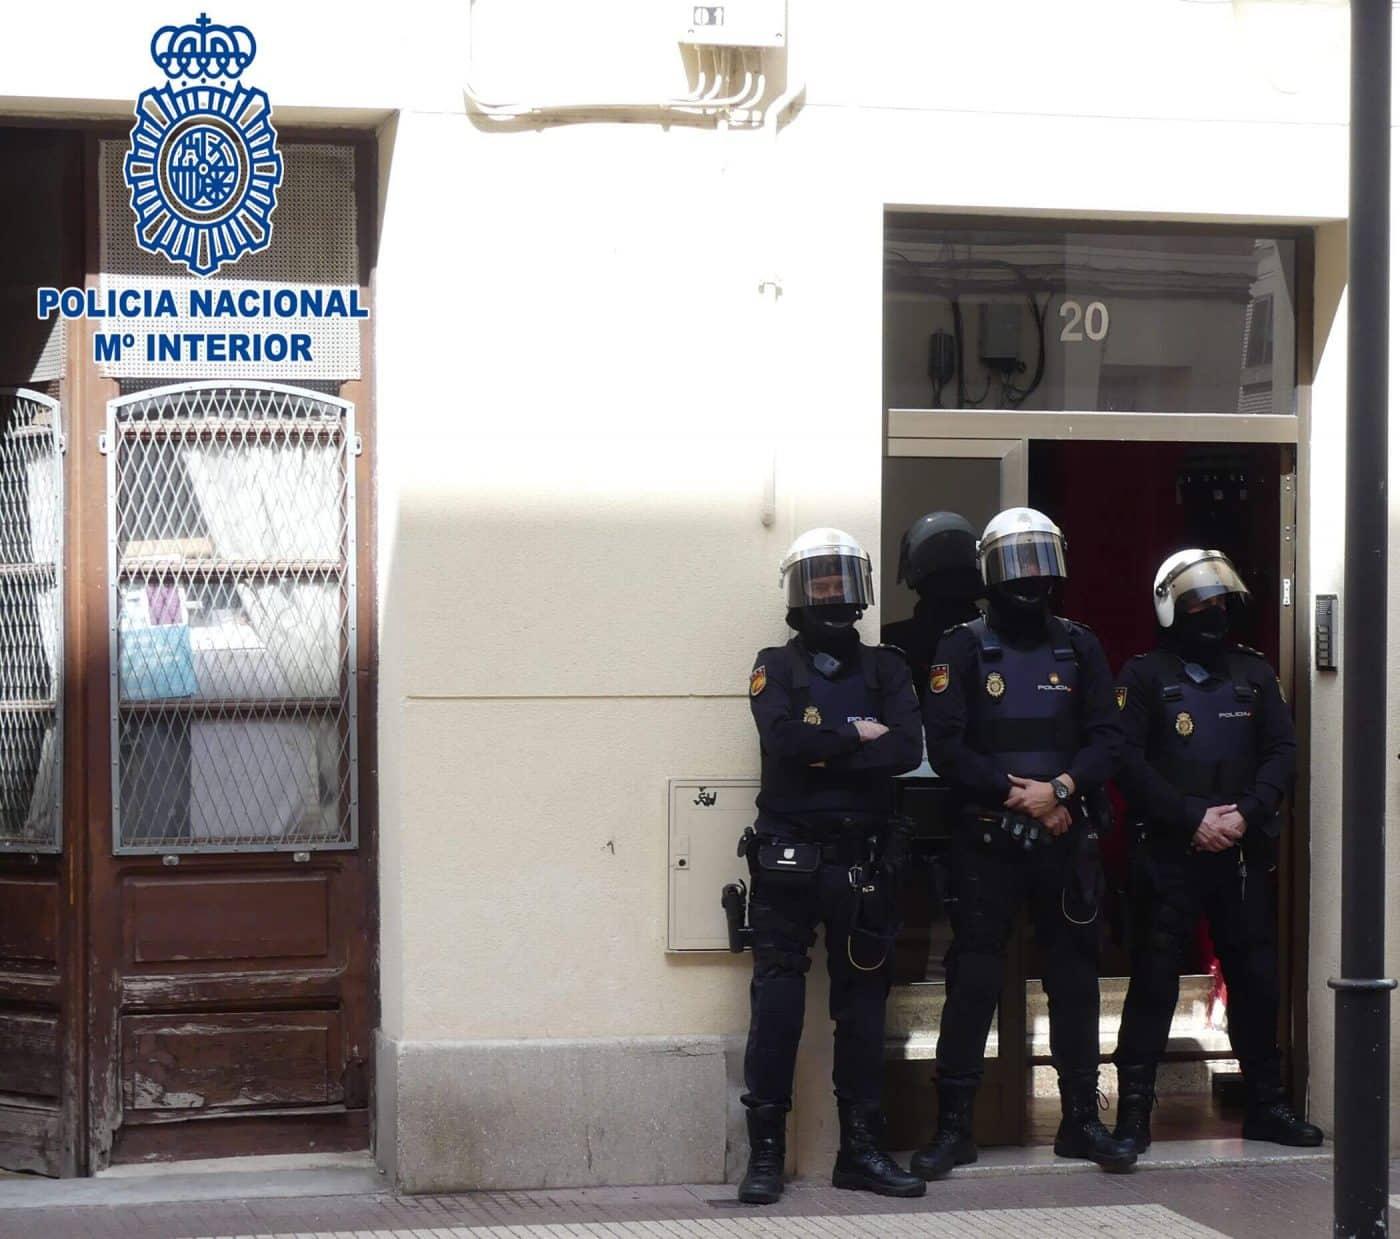 La Policía Nacional desmantela dos puntos de distribución de drogas de diseño en Haro y Cihuri 3